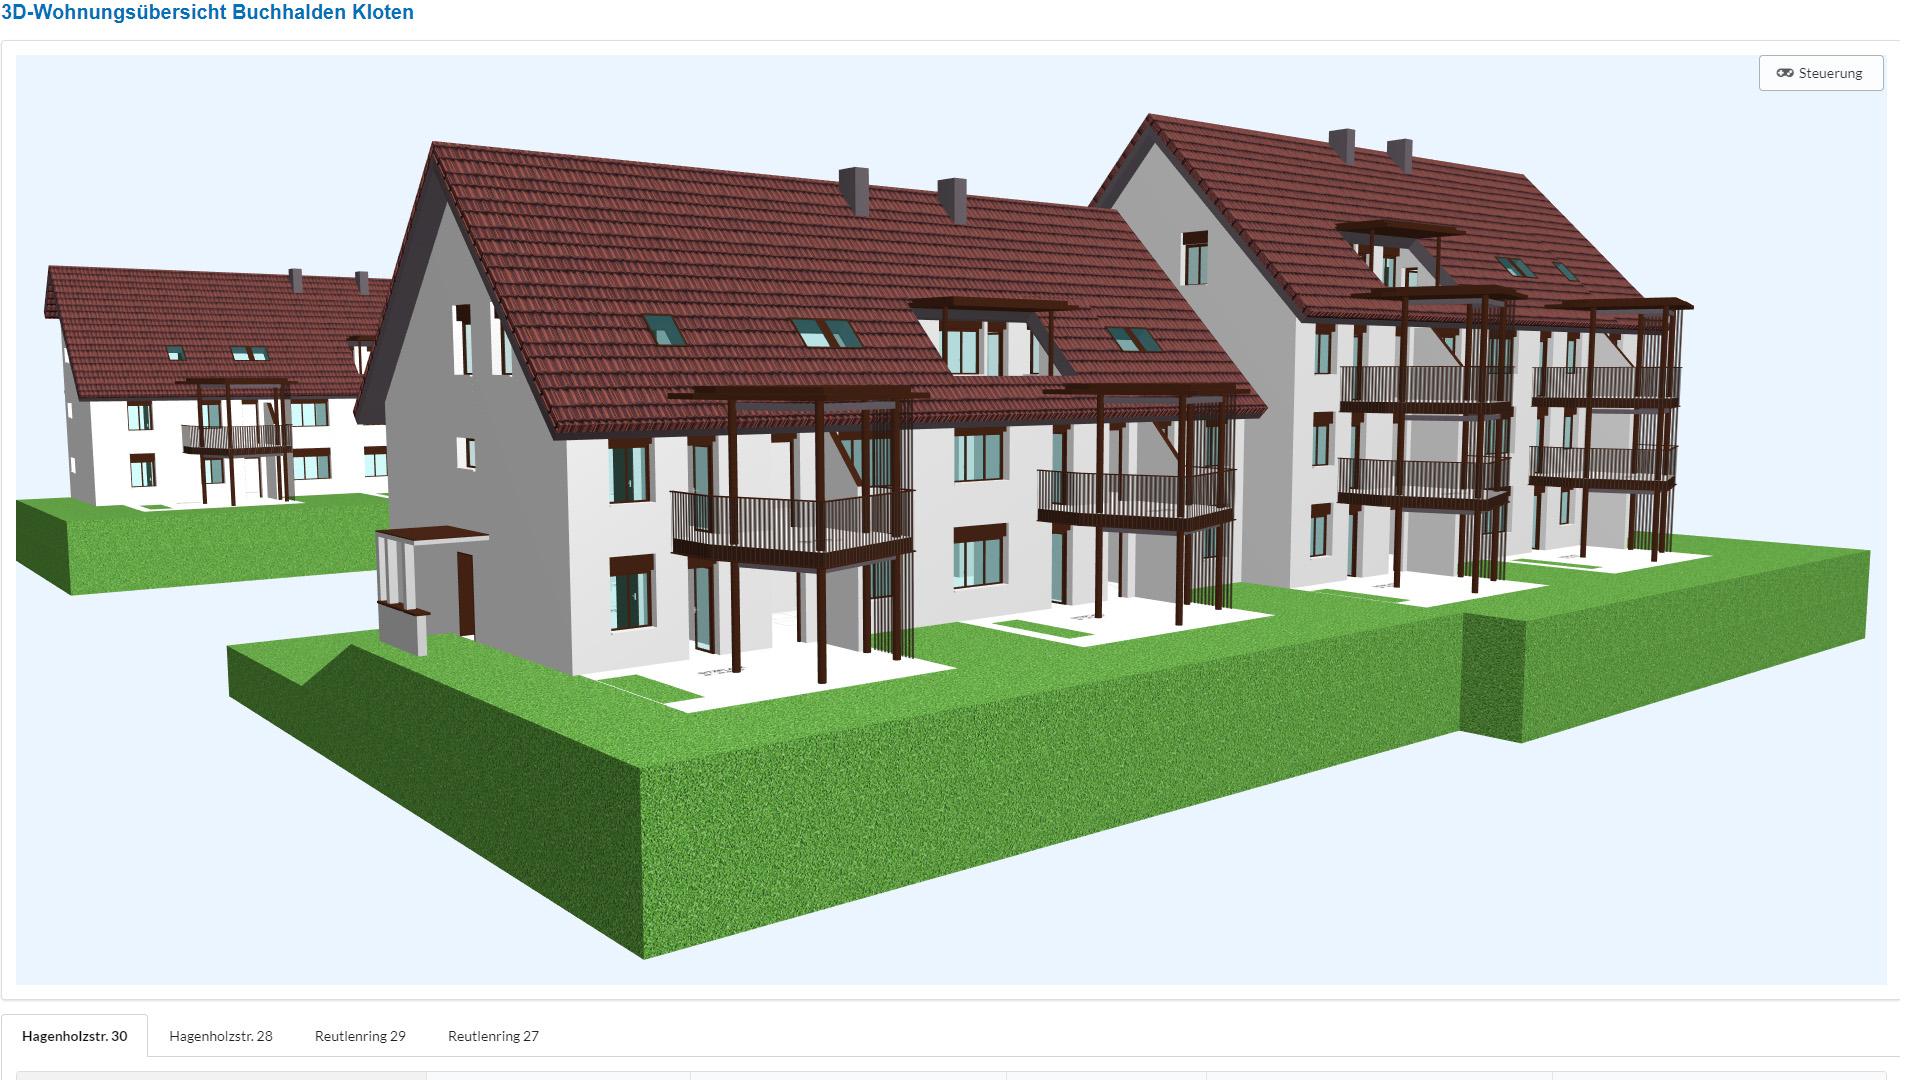 Immobilien Buchhalden in 3D _1